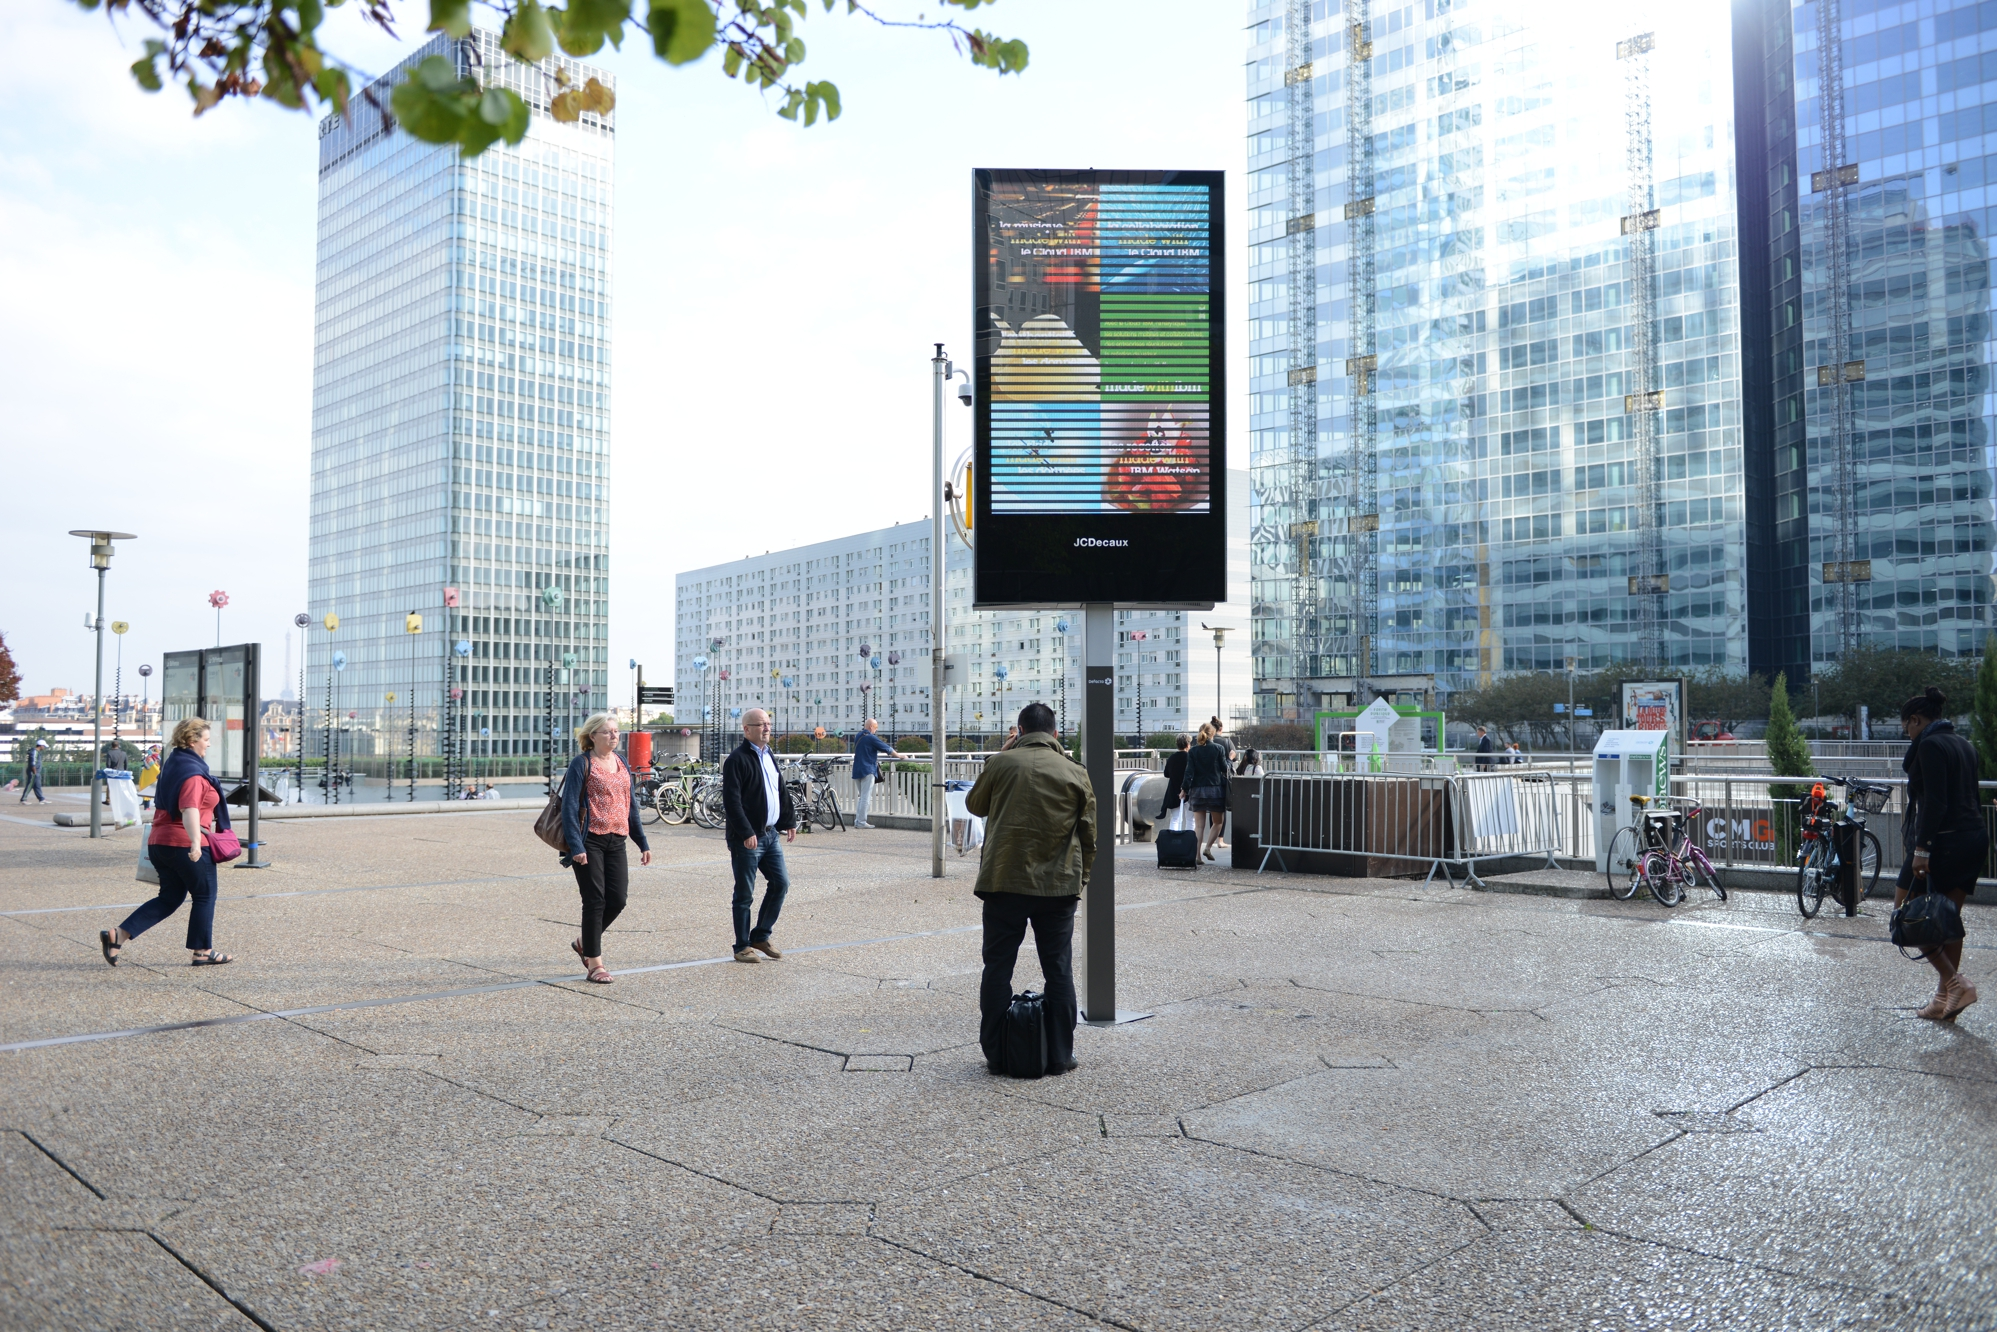 Populaire Defacto et JC Decaux inaugurent le nouveau mobilier publicitaire  BC06